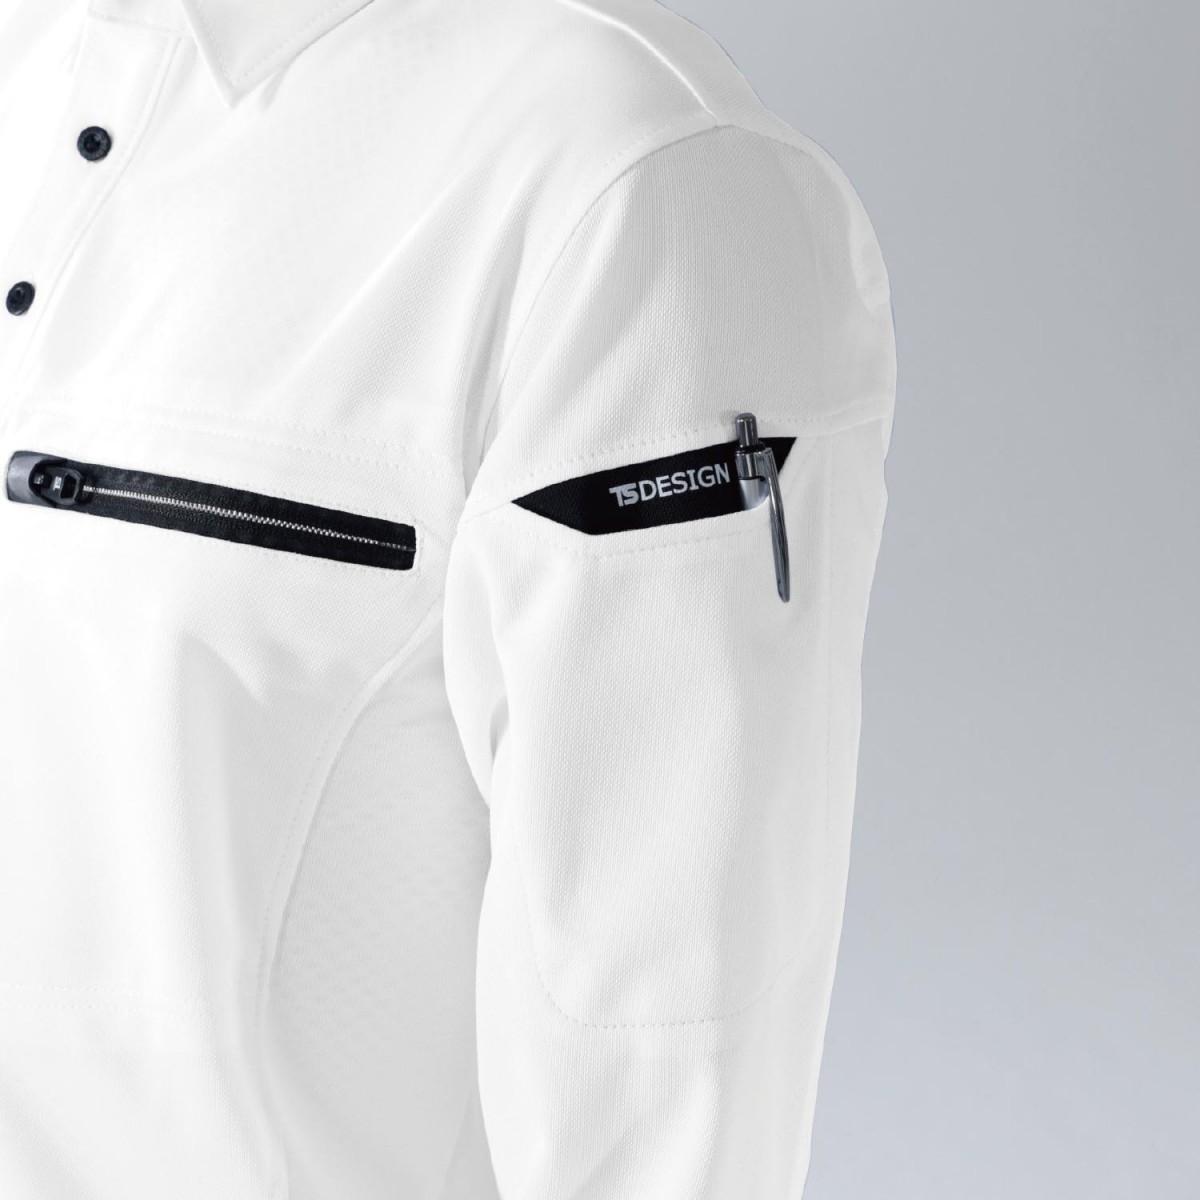 TS DESIGN 81305 ワークニットロングポロシャツ スマホ対応の左腕マルチポケットで便利です。